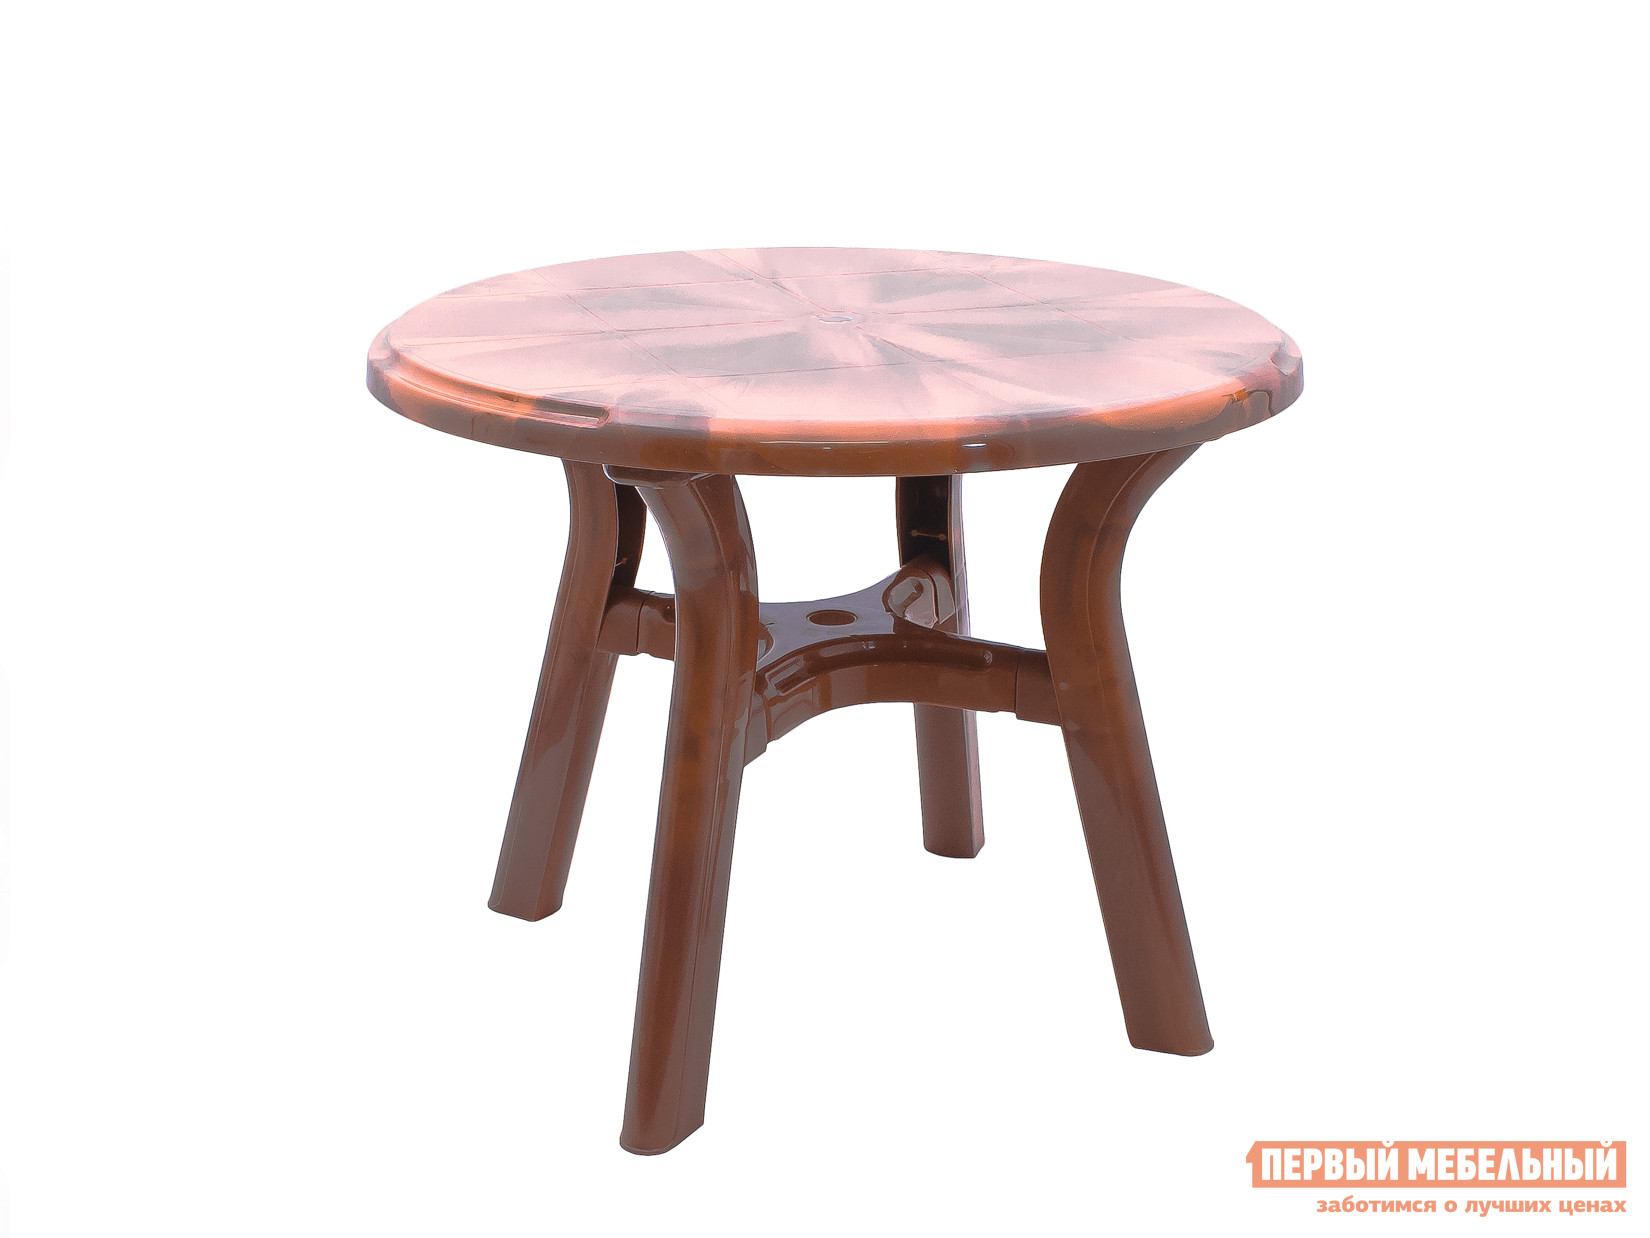 Пластиковый стол Стандарт Пластик Стол круглый Премиум д940 мм Лессир Лессир Мербау (коричневый)Пластиковые столы<br>Габаритные размеры ВхШхГ 728x940x940 мм. Круглый пластиковый стол Лессир имеет большую столешницу диаметром 940 мм.  Круглая форма практичнее, так как за ней можно рассадить больше персон, чем за квадратным столом такой же площадью. Столик Лессир выделяется благодаря необычному оформлению в коричневом цвете с мраморно-древесной текстурой.  Модель можно использовать на садовом участке, а также она удачно впишется в интерьер летнего уличного кафе.  Преимущество пластиковой мебели в ее универсальности, изделия прекрасно переносят различные погодные условия и готовы служить долгий срок.<br><br>Цвет: Коричневый<br>Высота мм: 728<br>Ширина мм: 940<br>Глубина мм: 940<br>Кол-во упаковок: 1<br>Форма поставки: В разобранном виде<br>Срок гарантии: 1 год<br>Форма: Круглые<br>Размер: Большие